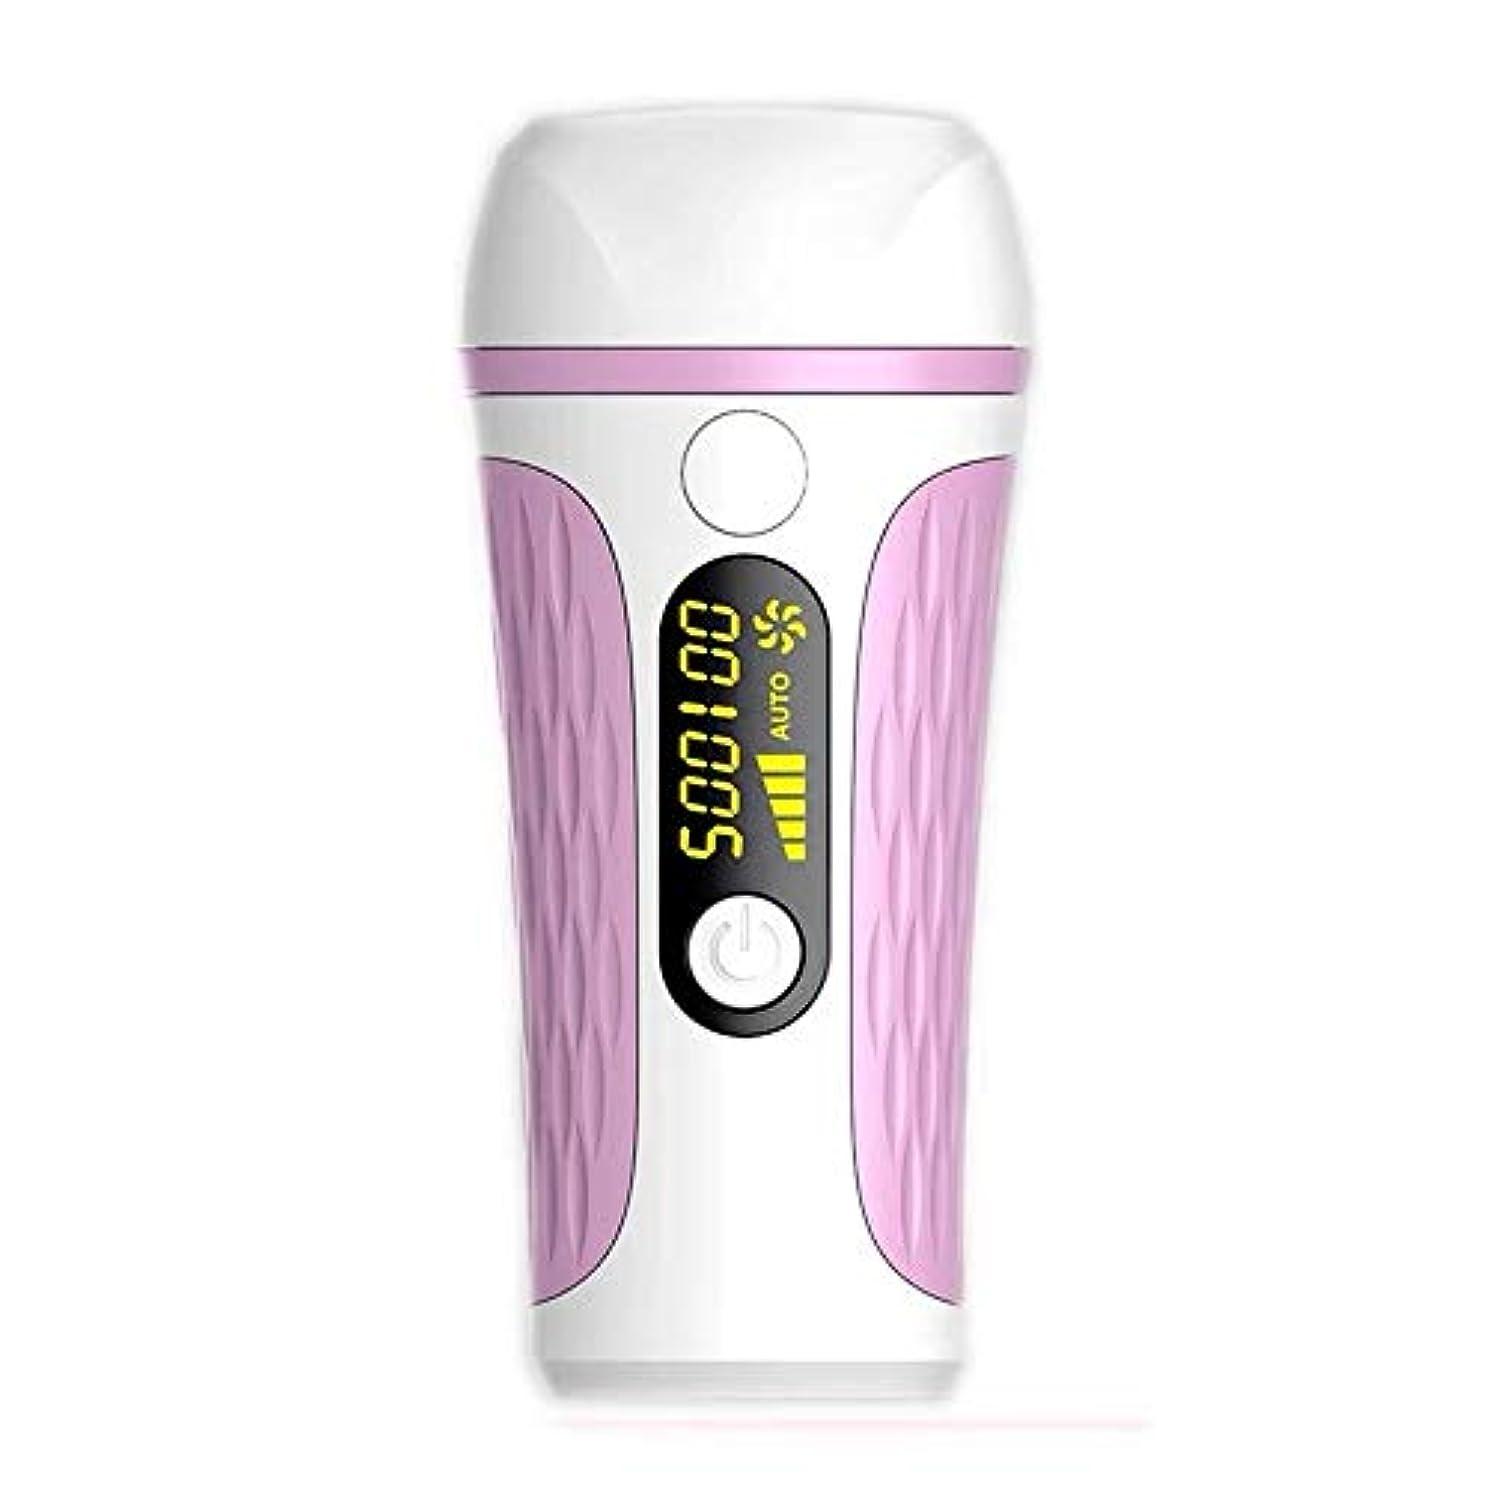 アデレード夜間美人携帯用コールドポイント痛みのない毛の除去剤、自動、手動、2つのモード、LCDディスプレイ、5スピード調整、サイズ14.5 X 6.7 X 19 Cm 安全性